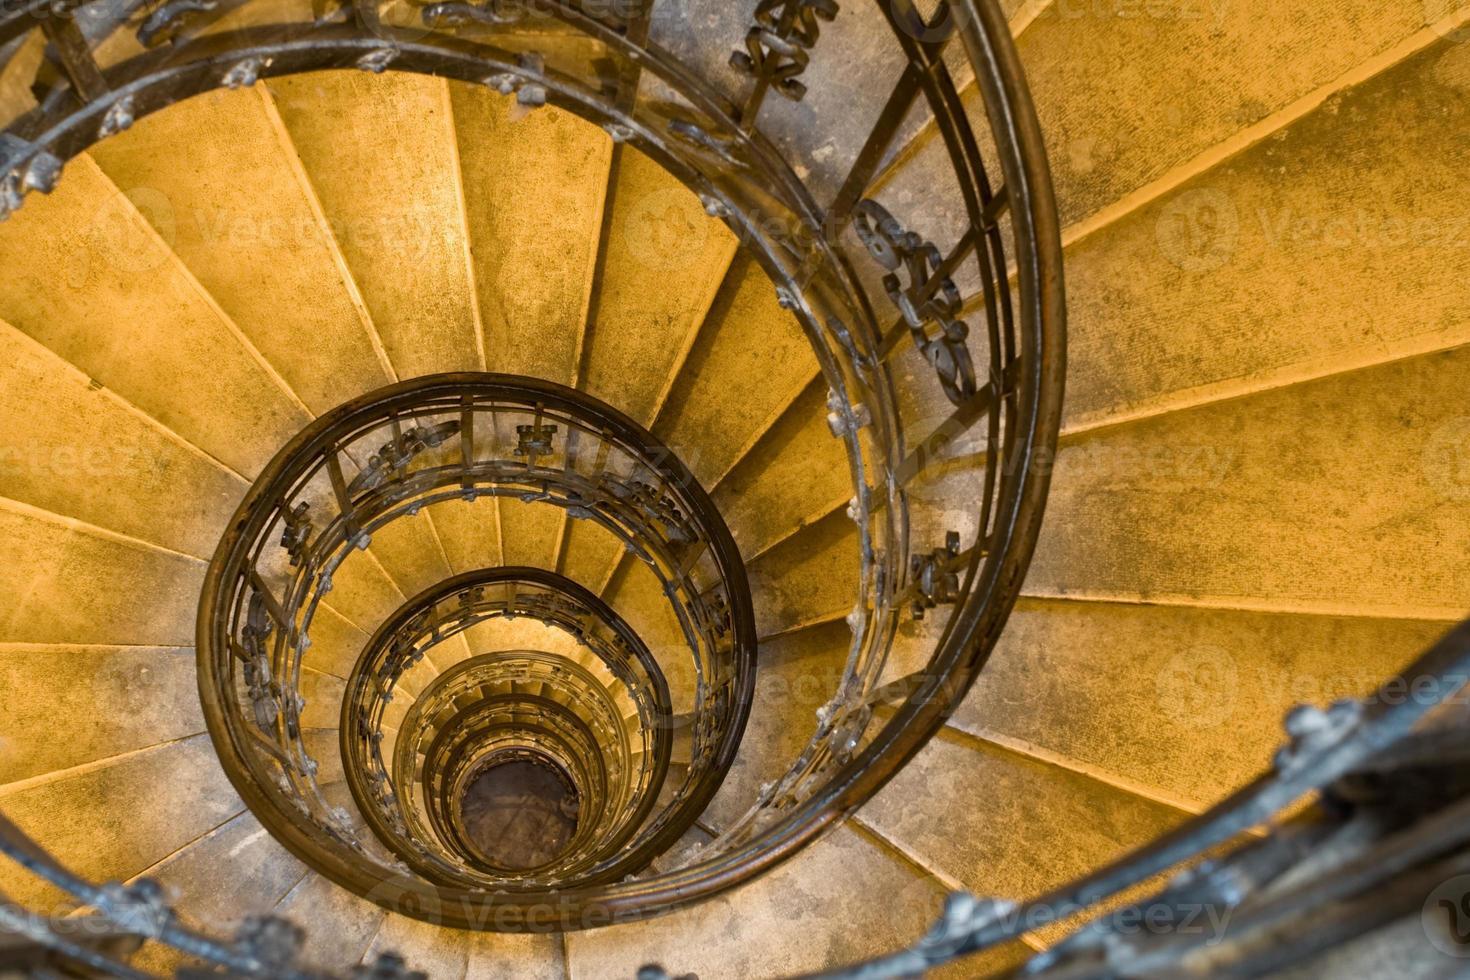 Tiro de arriba de la escalera de caracol con barandas de hierro forjado foto